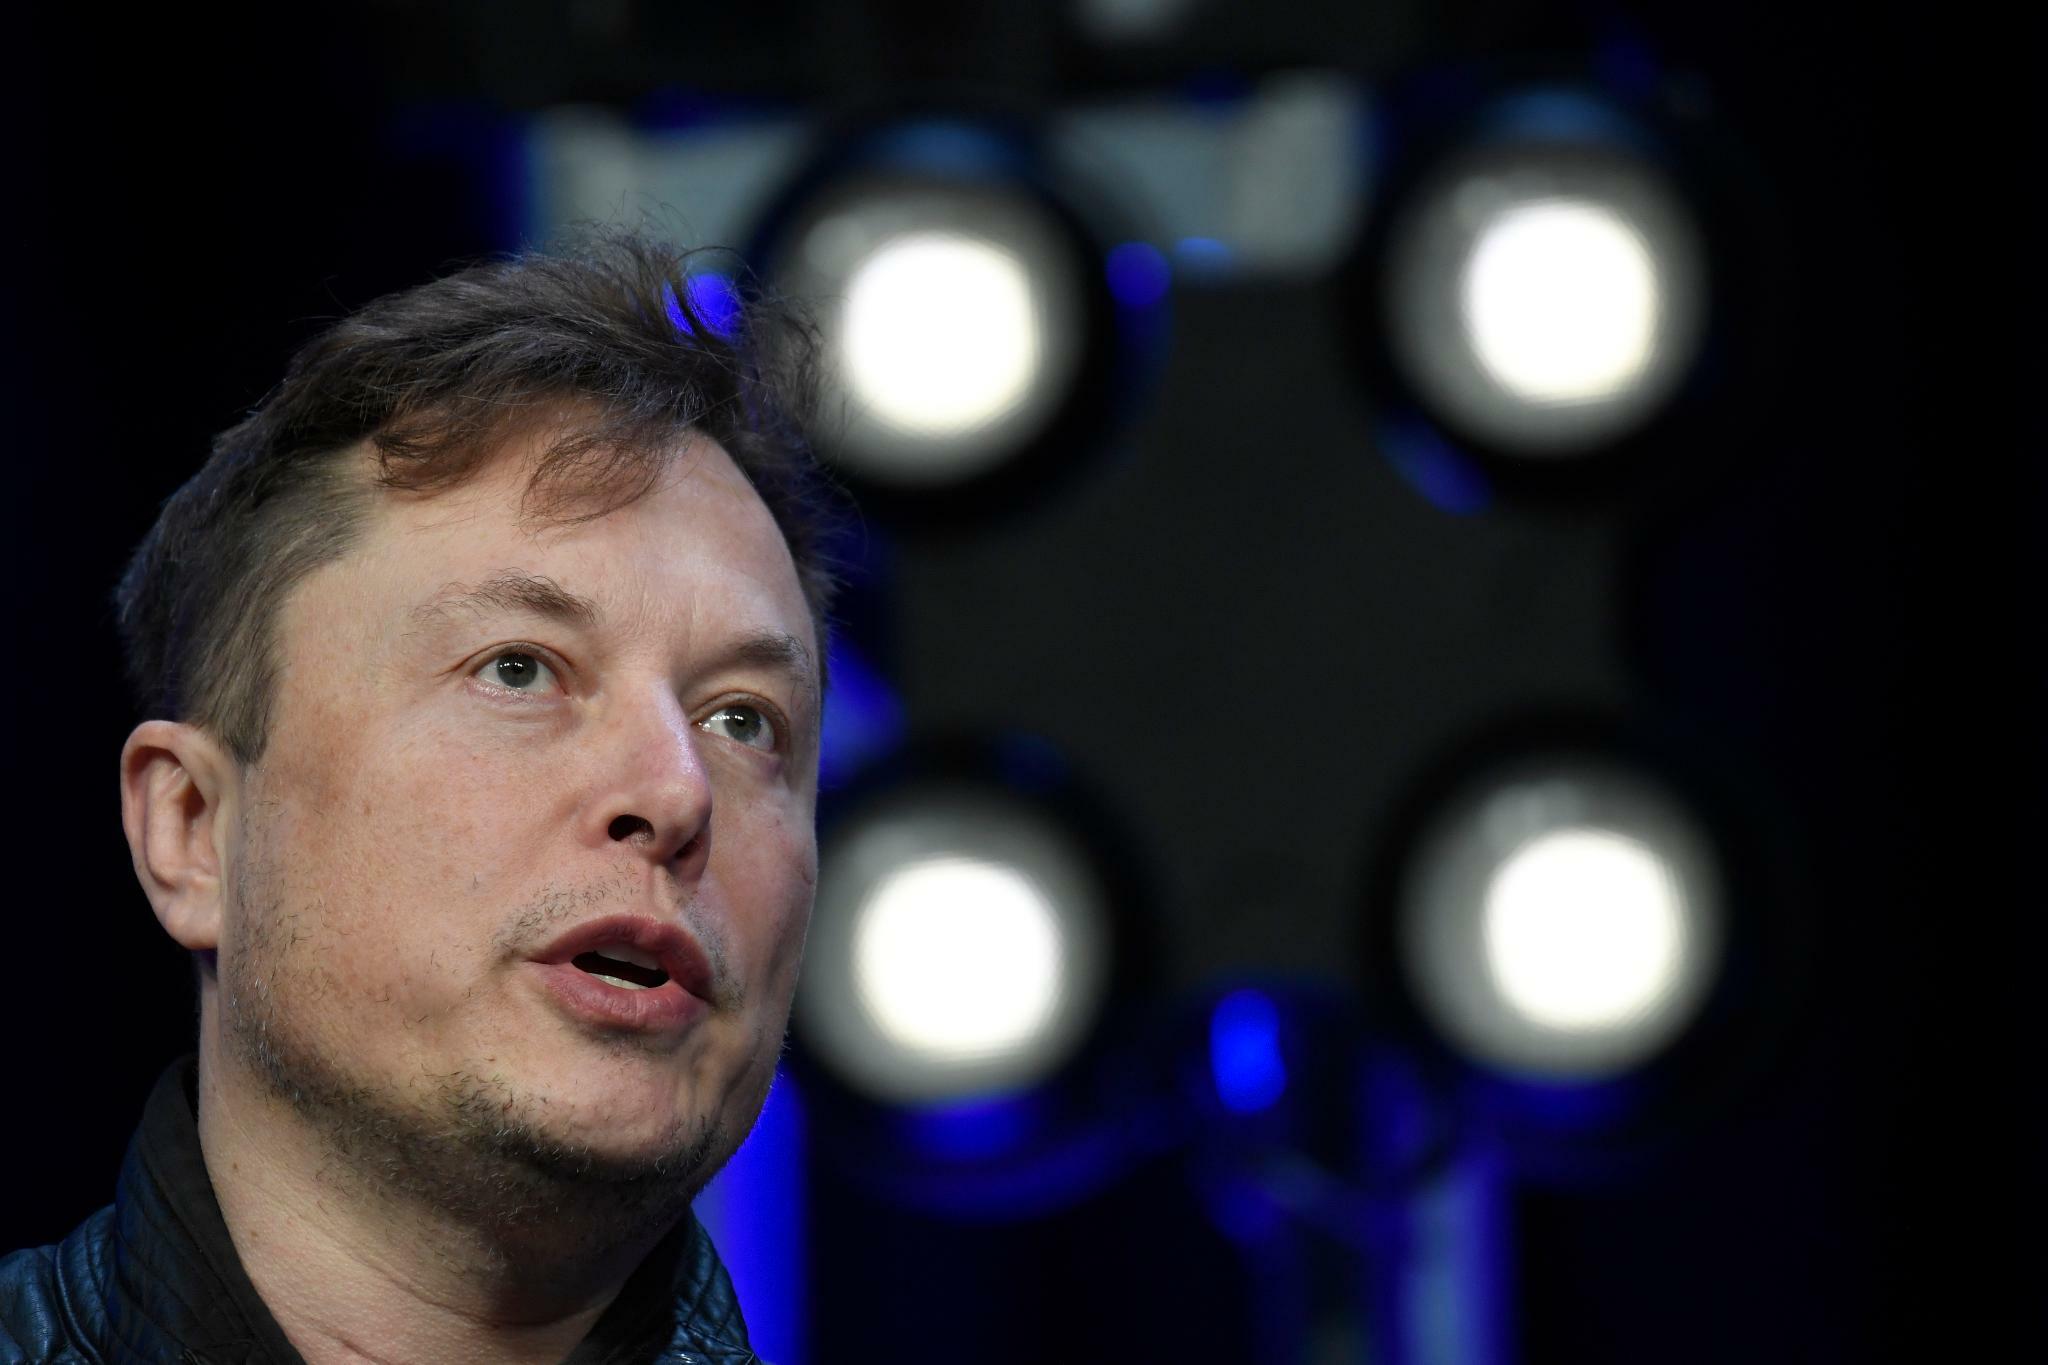 Tesla kauft $ 1,5 Milliarden in Bitcoin, was moglicherweise schief gehen konnte